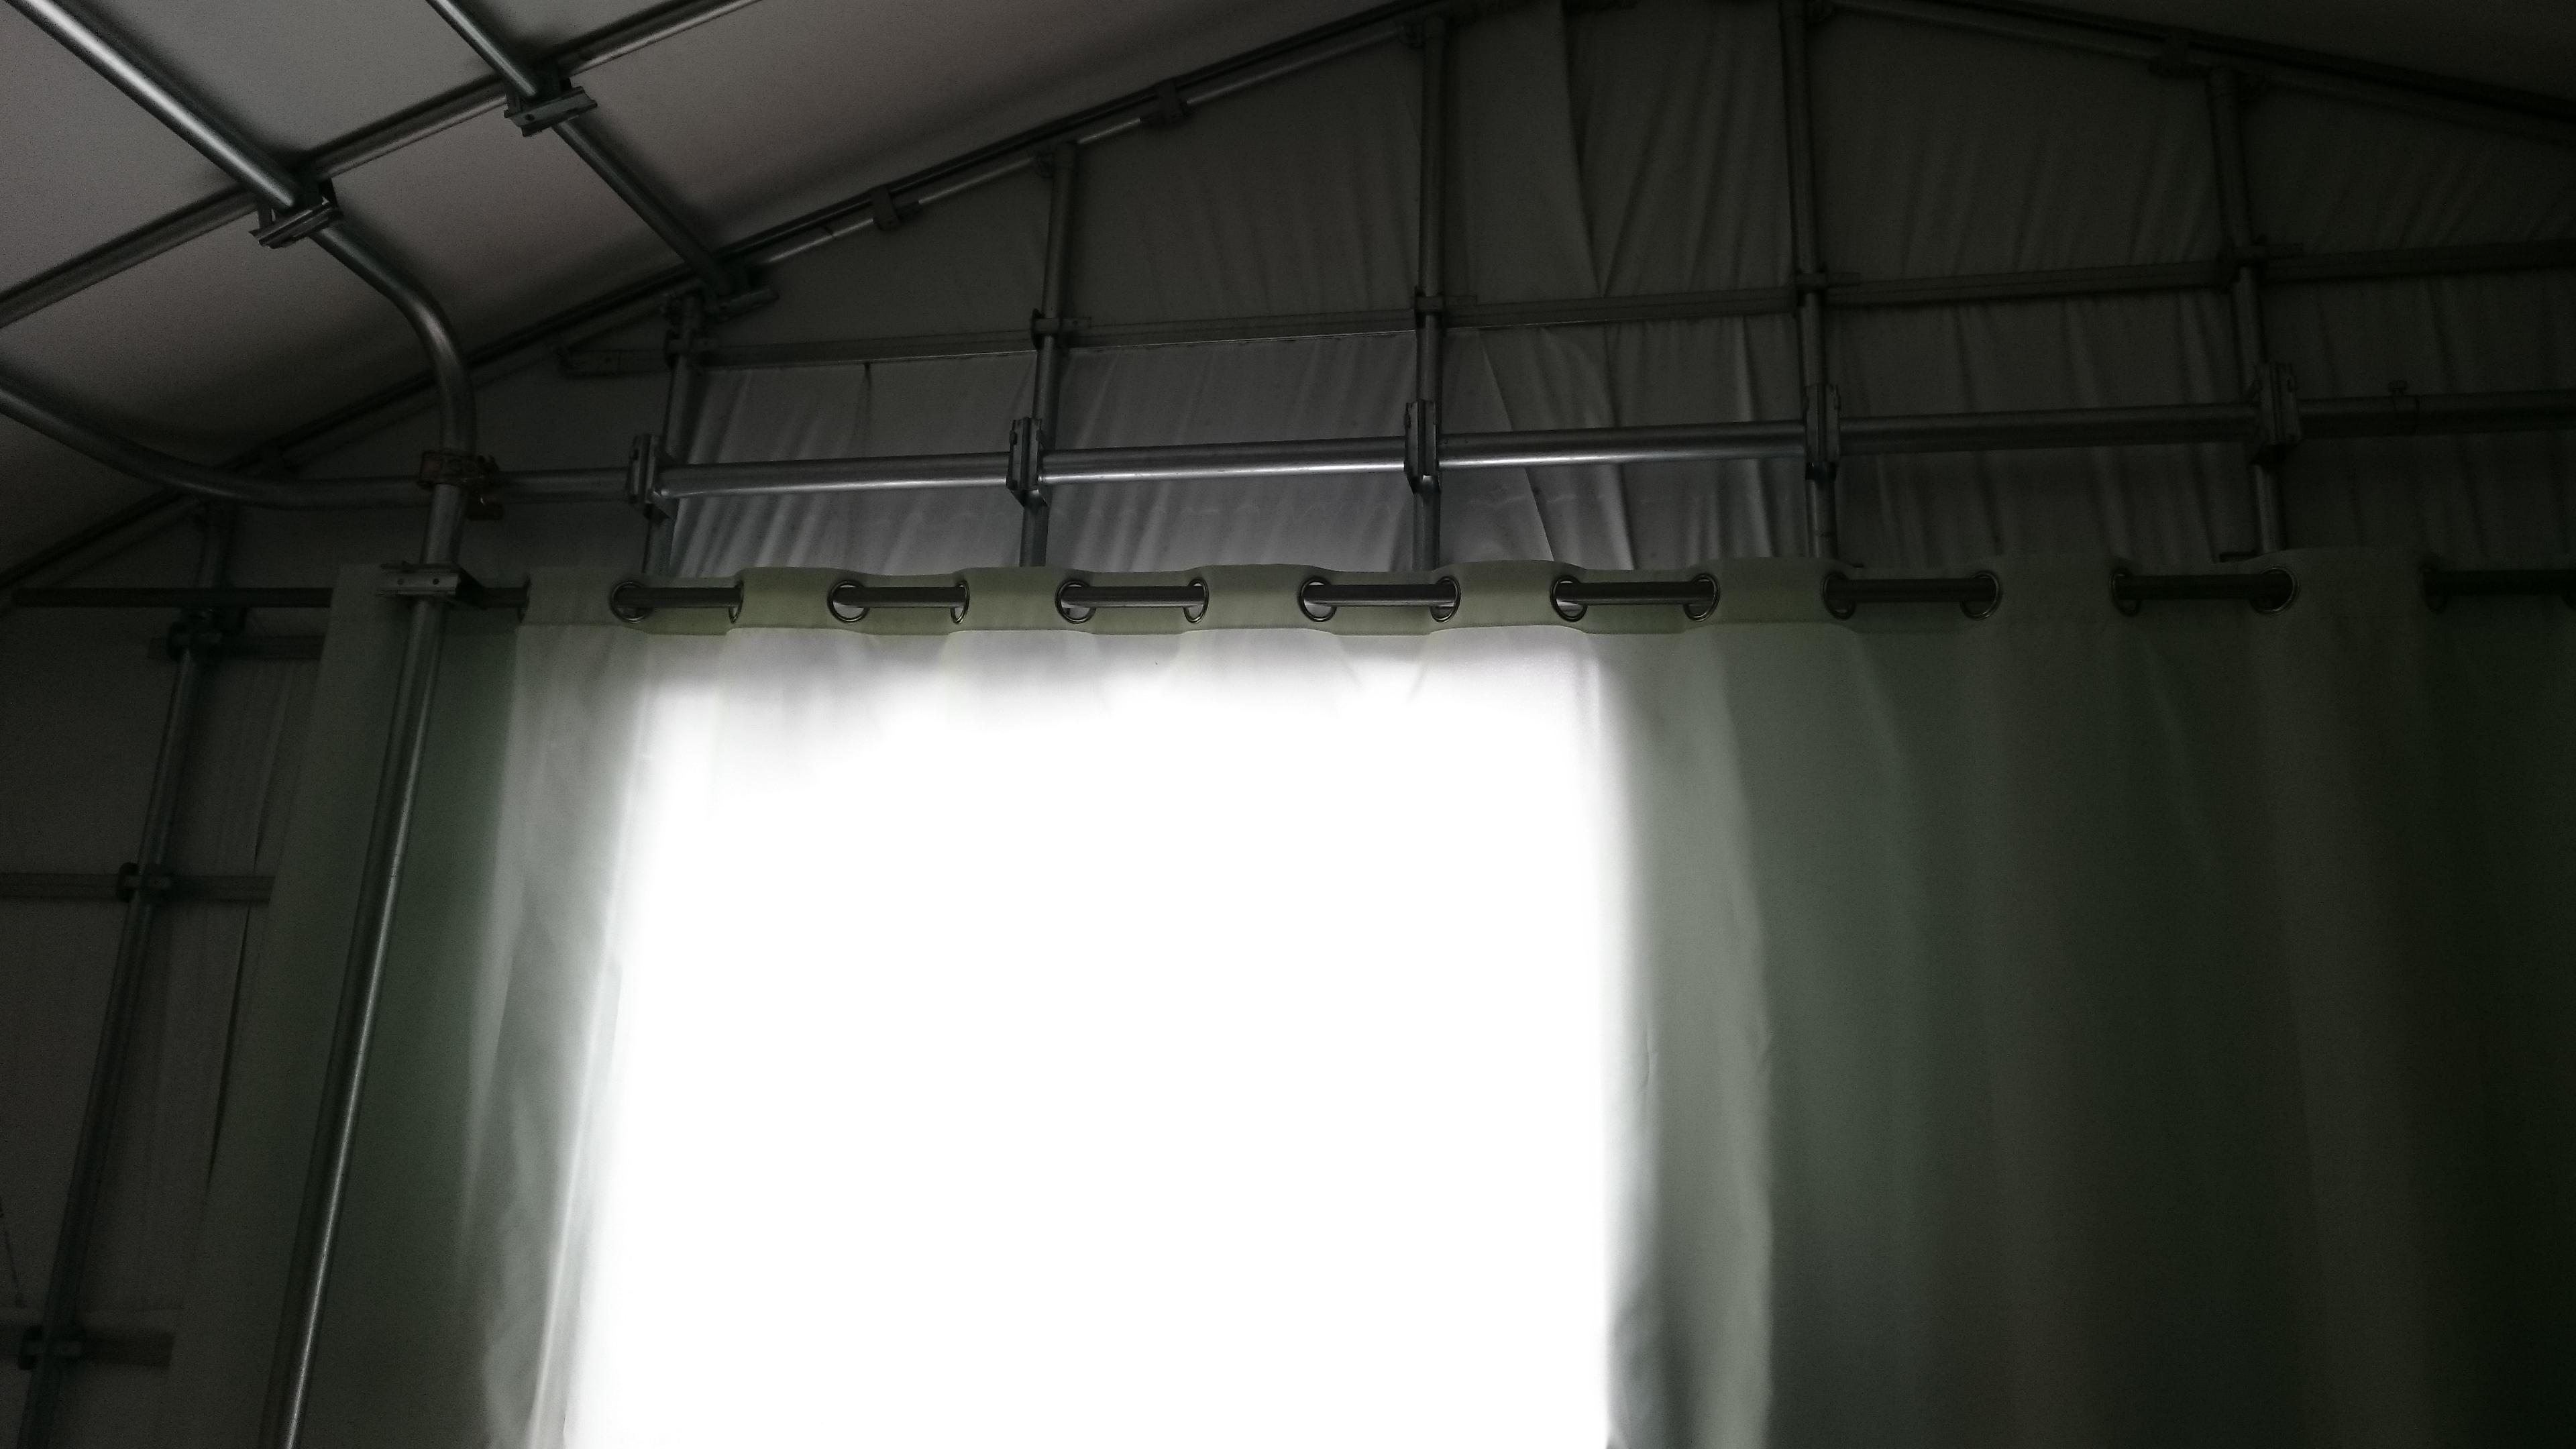 シャワーカーテン 工事後